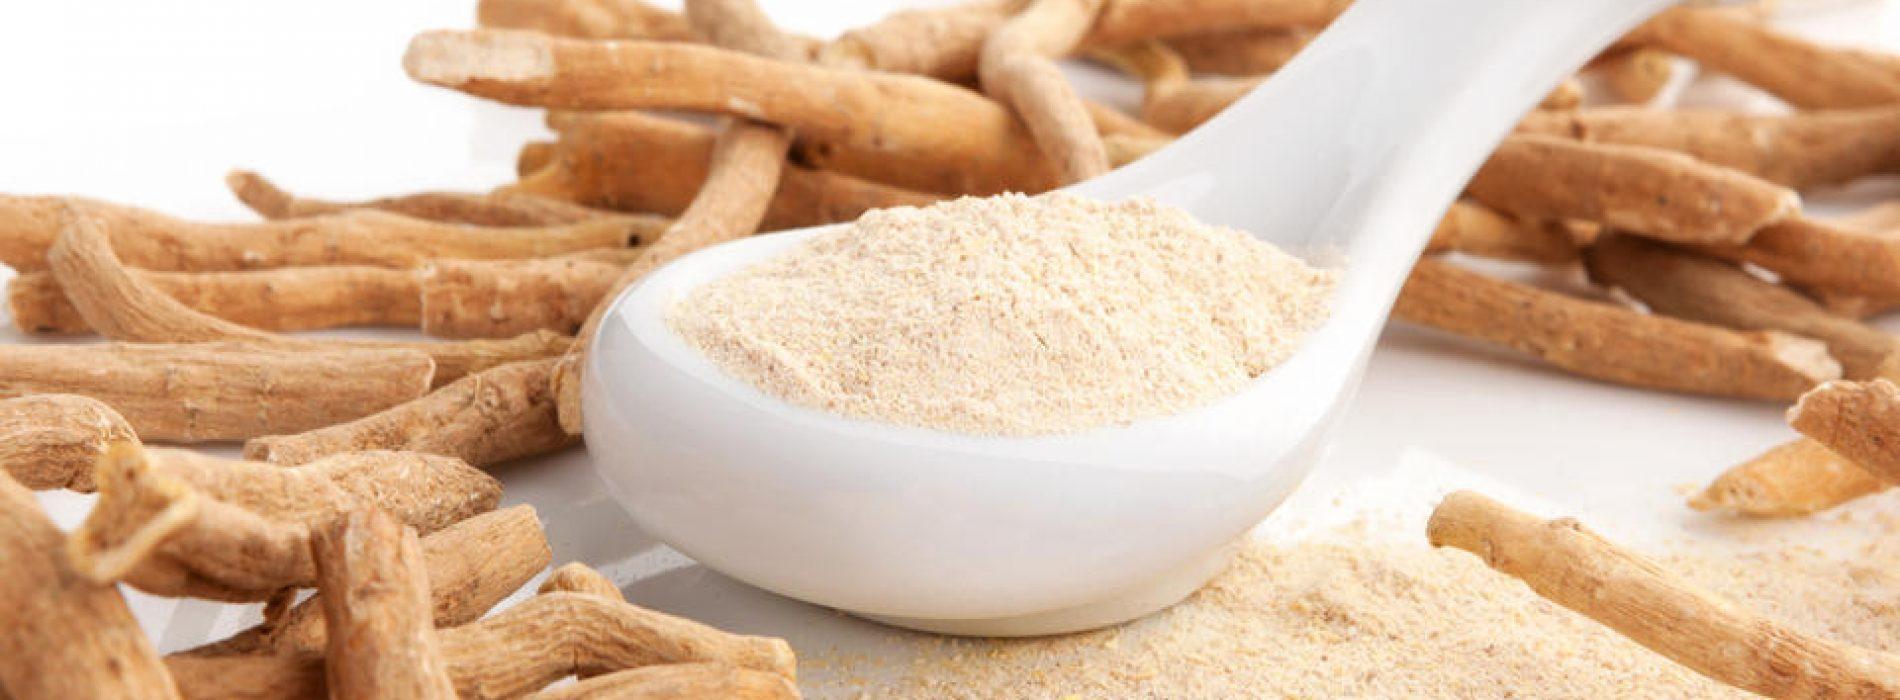 3 ontstekingsremmende superfoods om de energie te verhogen en de immuniteit te verbeteren